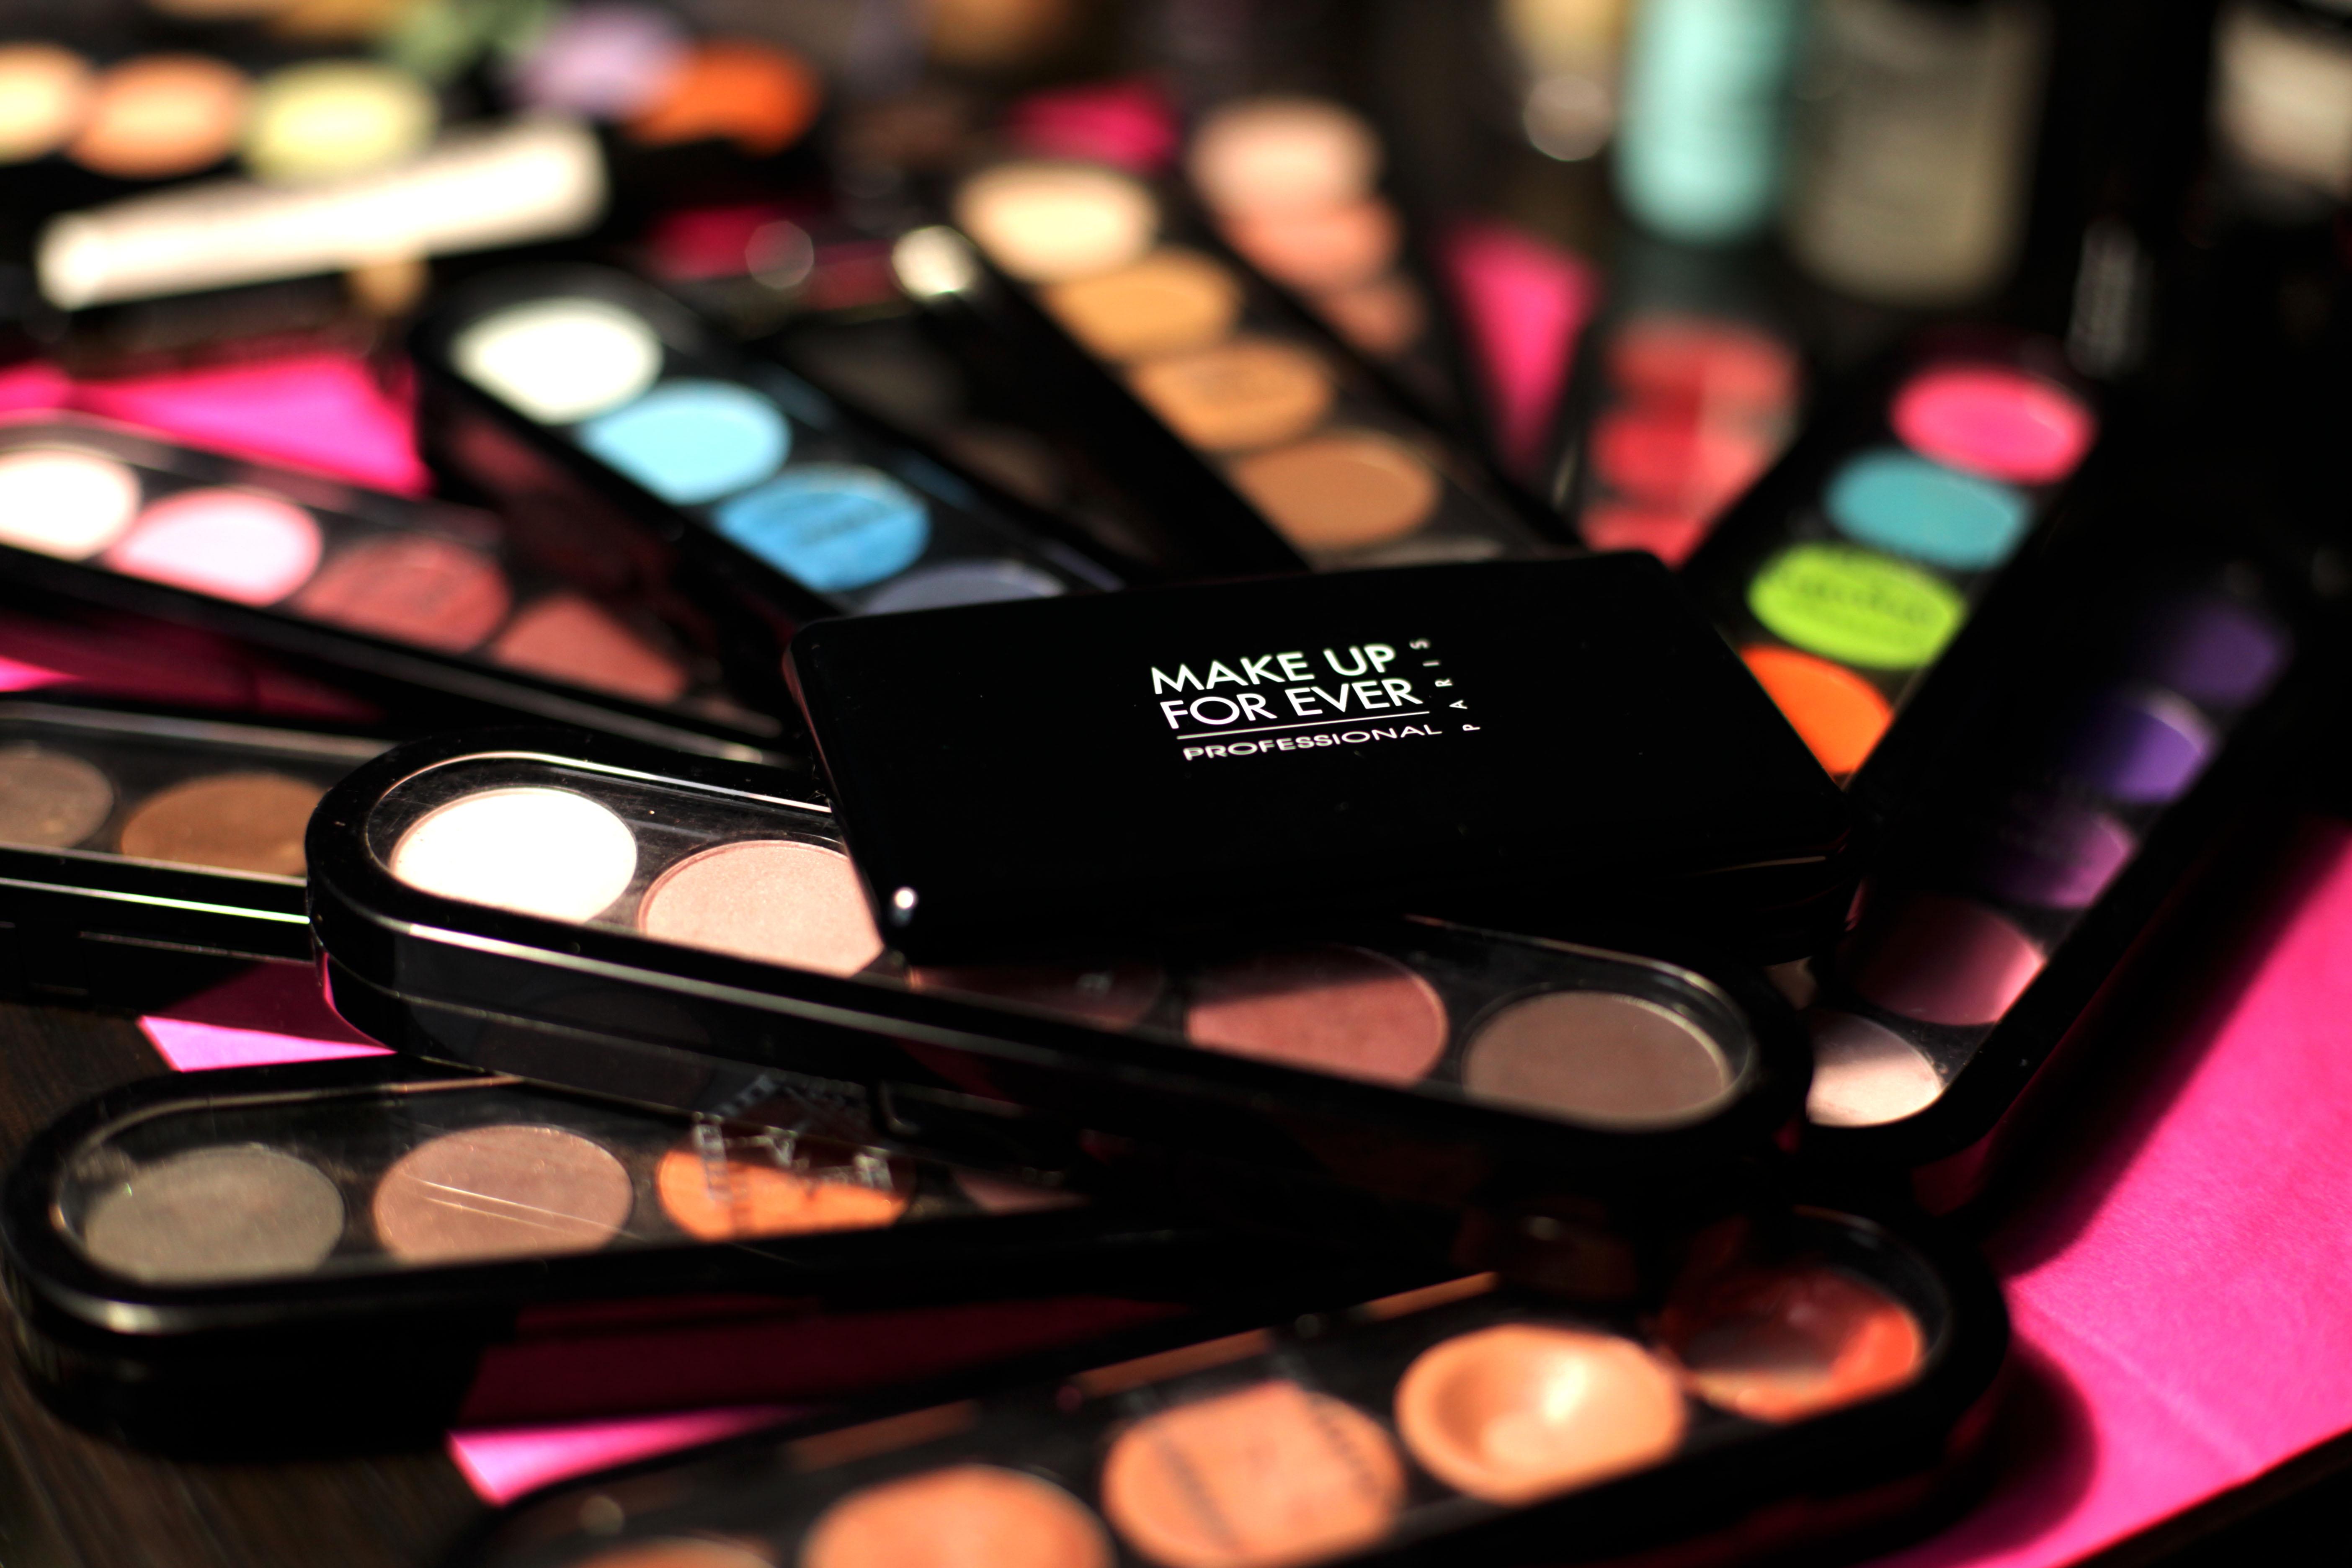 Make up studio косметика. в 21:14, 8 апреля 2015. алматы. опубликовано с - 1 september 2015 - blog - sanjadialeg.